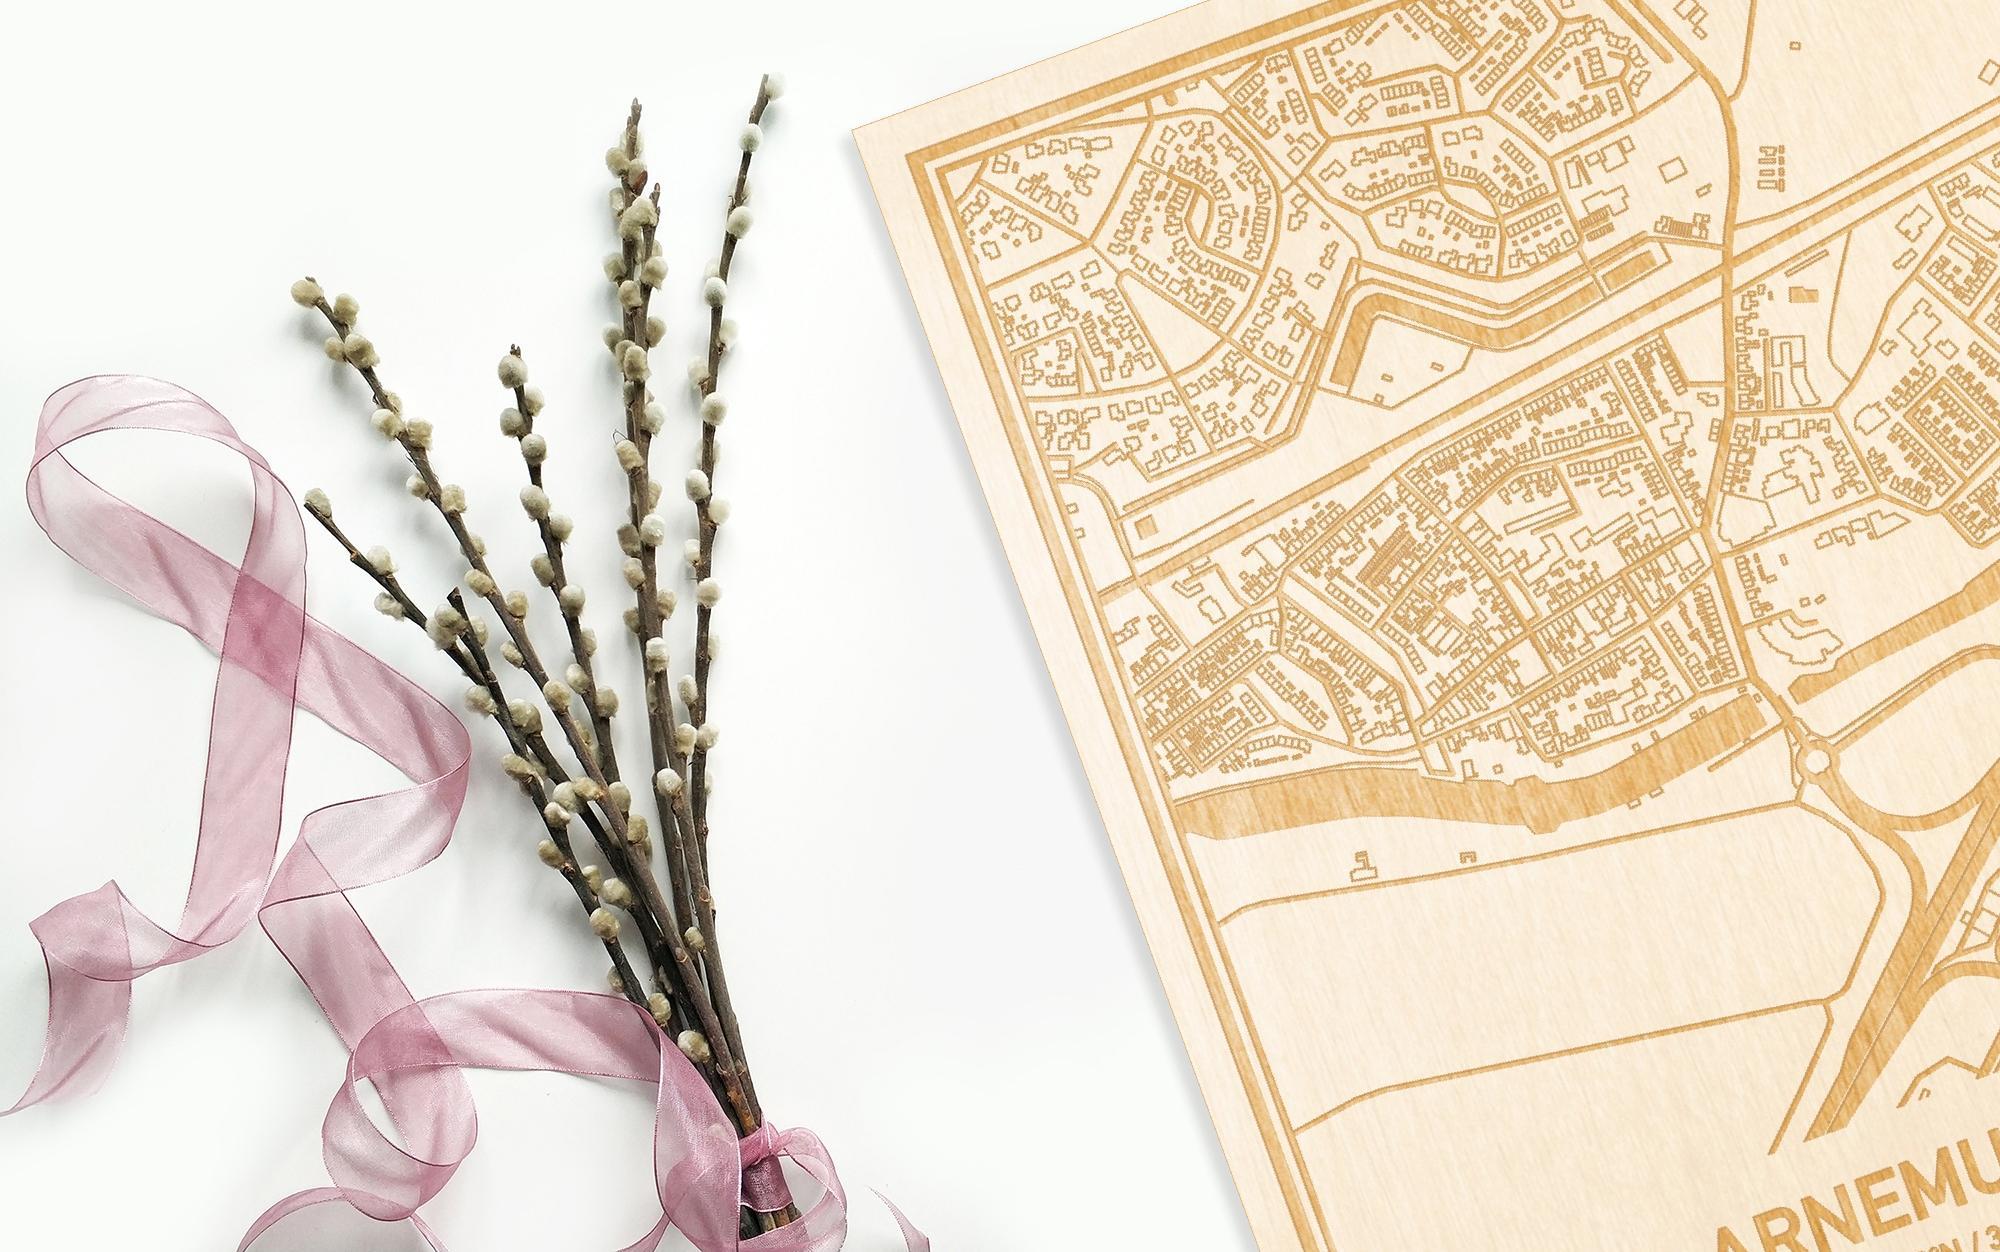 Hier ligt de houten plattegrond Arnemuiden naast een bloemetje als gepersonaliseerd cadeau voor haar.